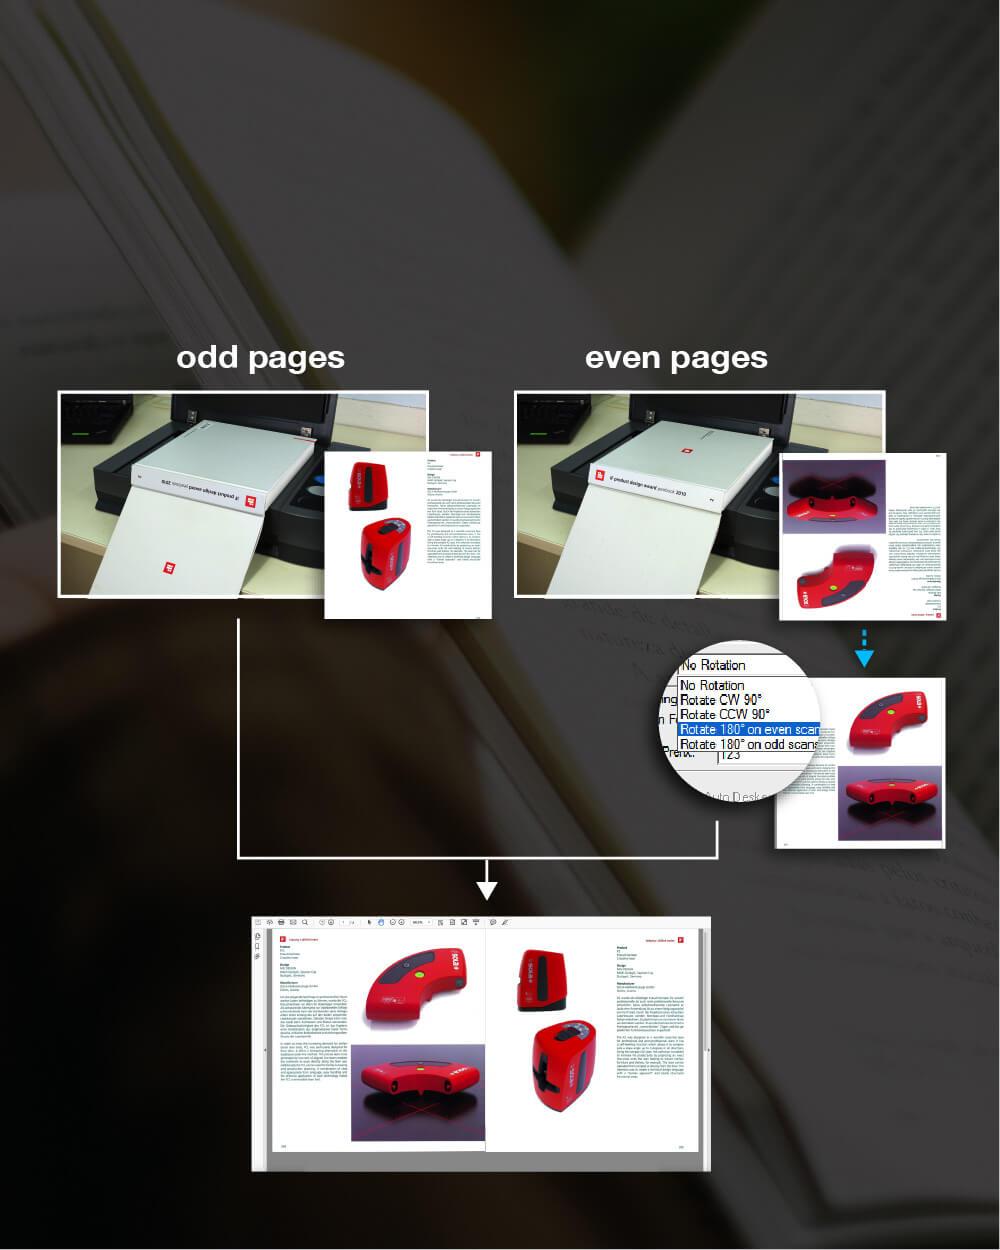 Gira las páginas automáticamente para crear un archivo completo de libro electrónico